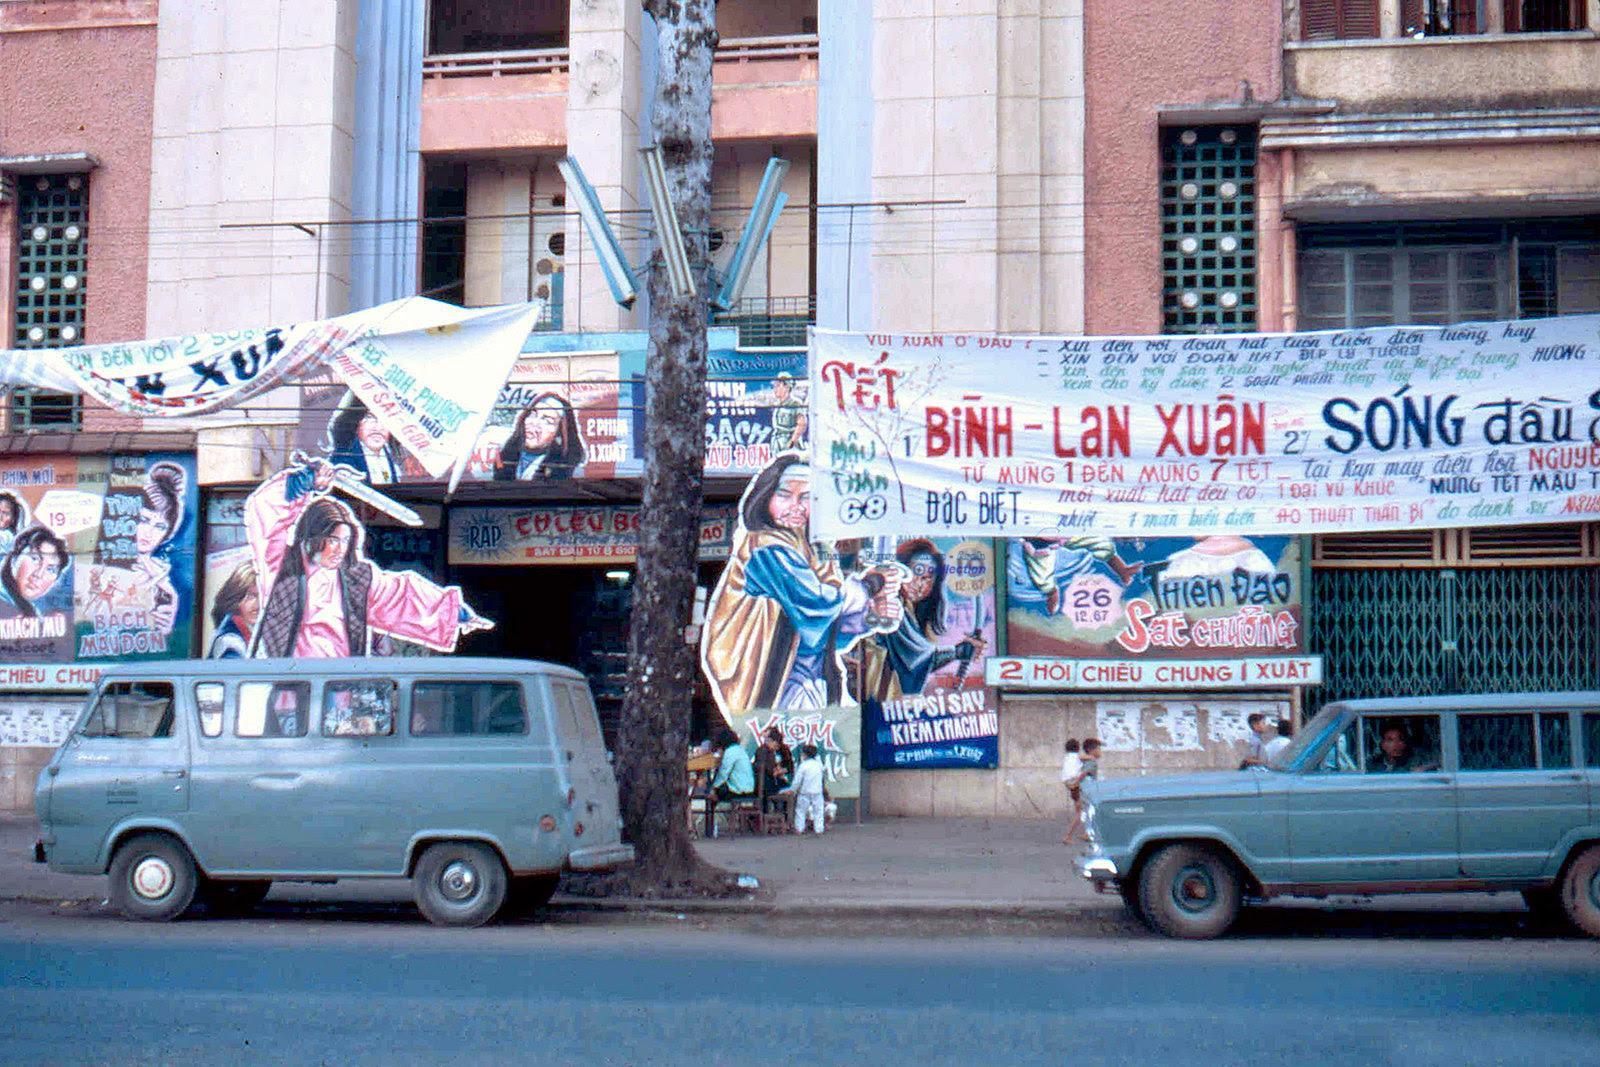 60 tấm ảnh màu đẹp nhất của đường phố Saigon thập niên 1960-1970 - 47